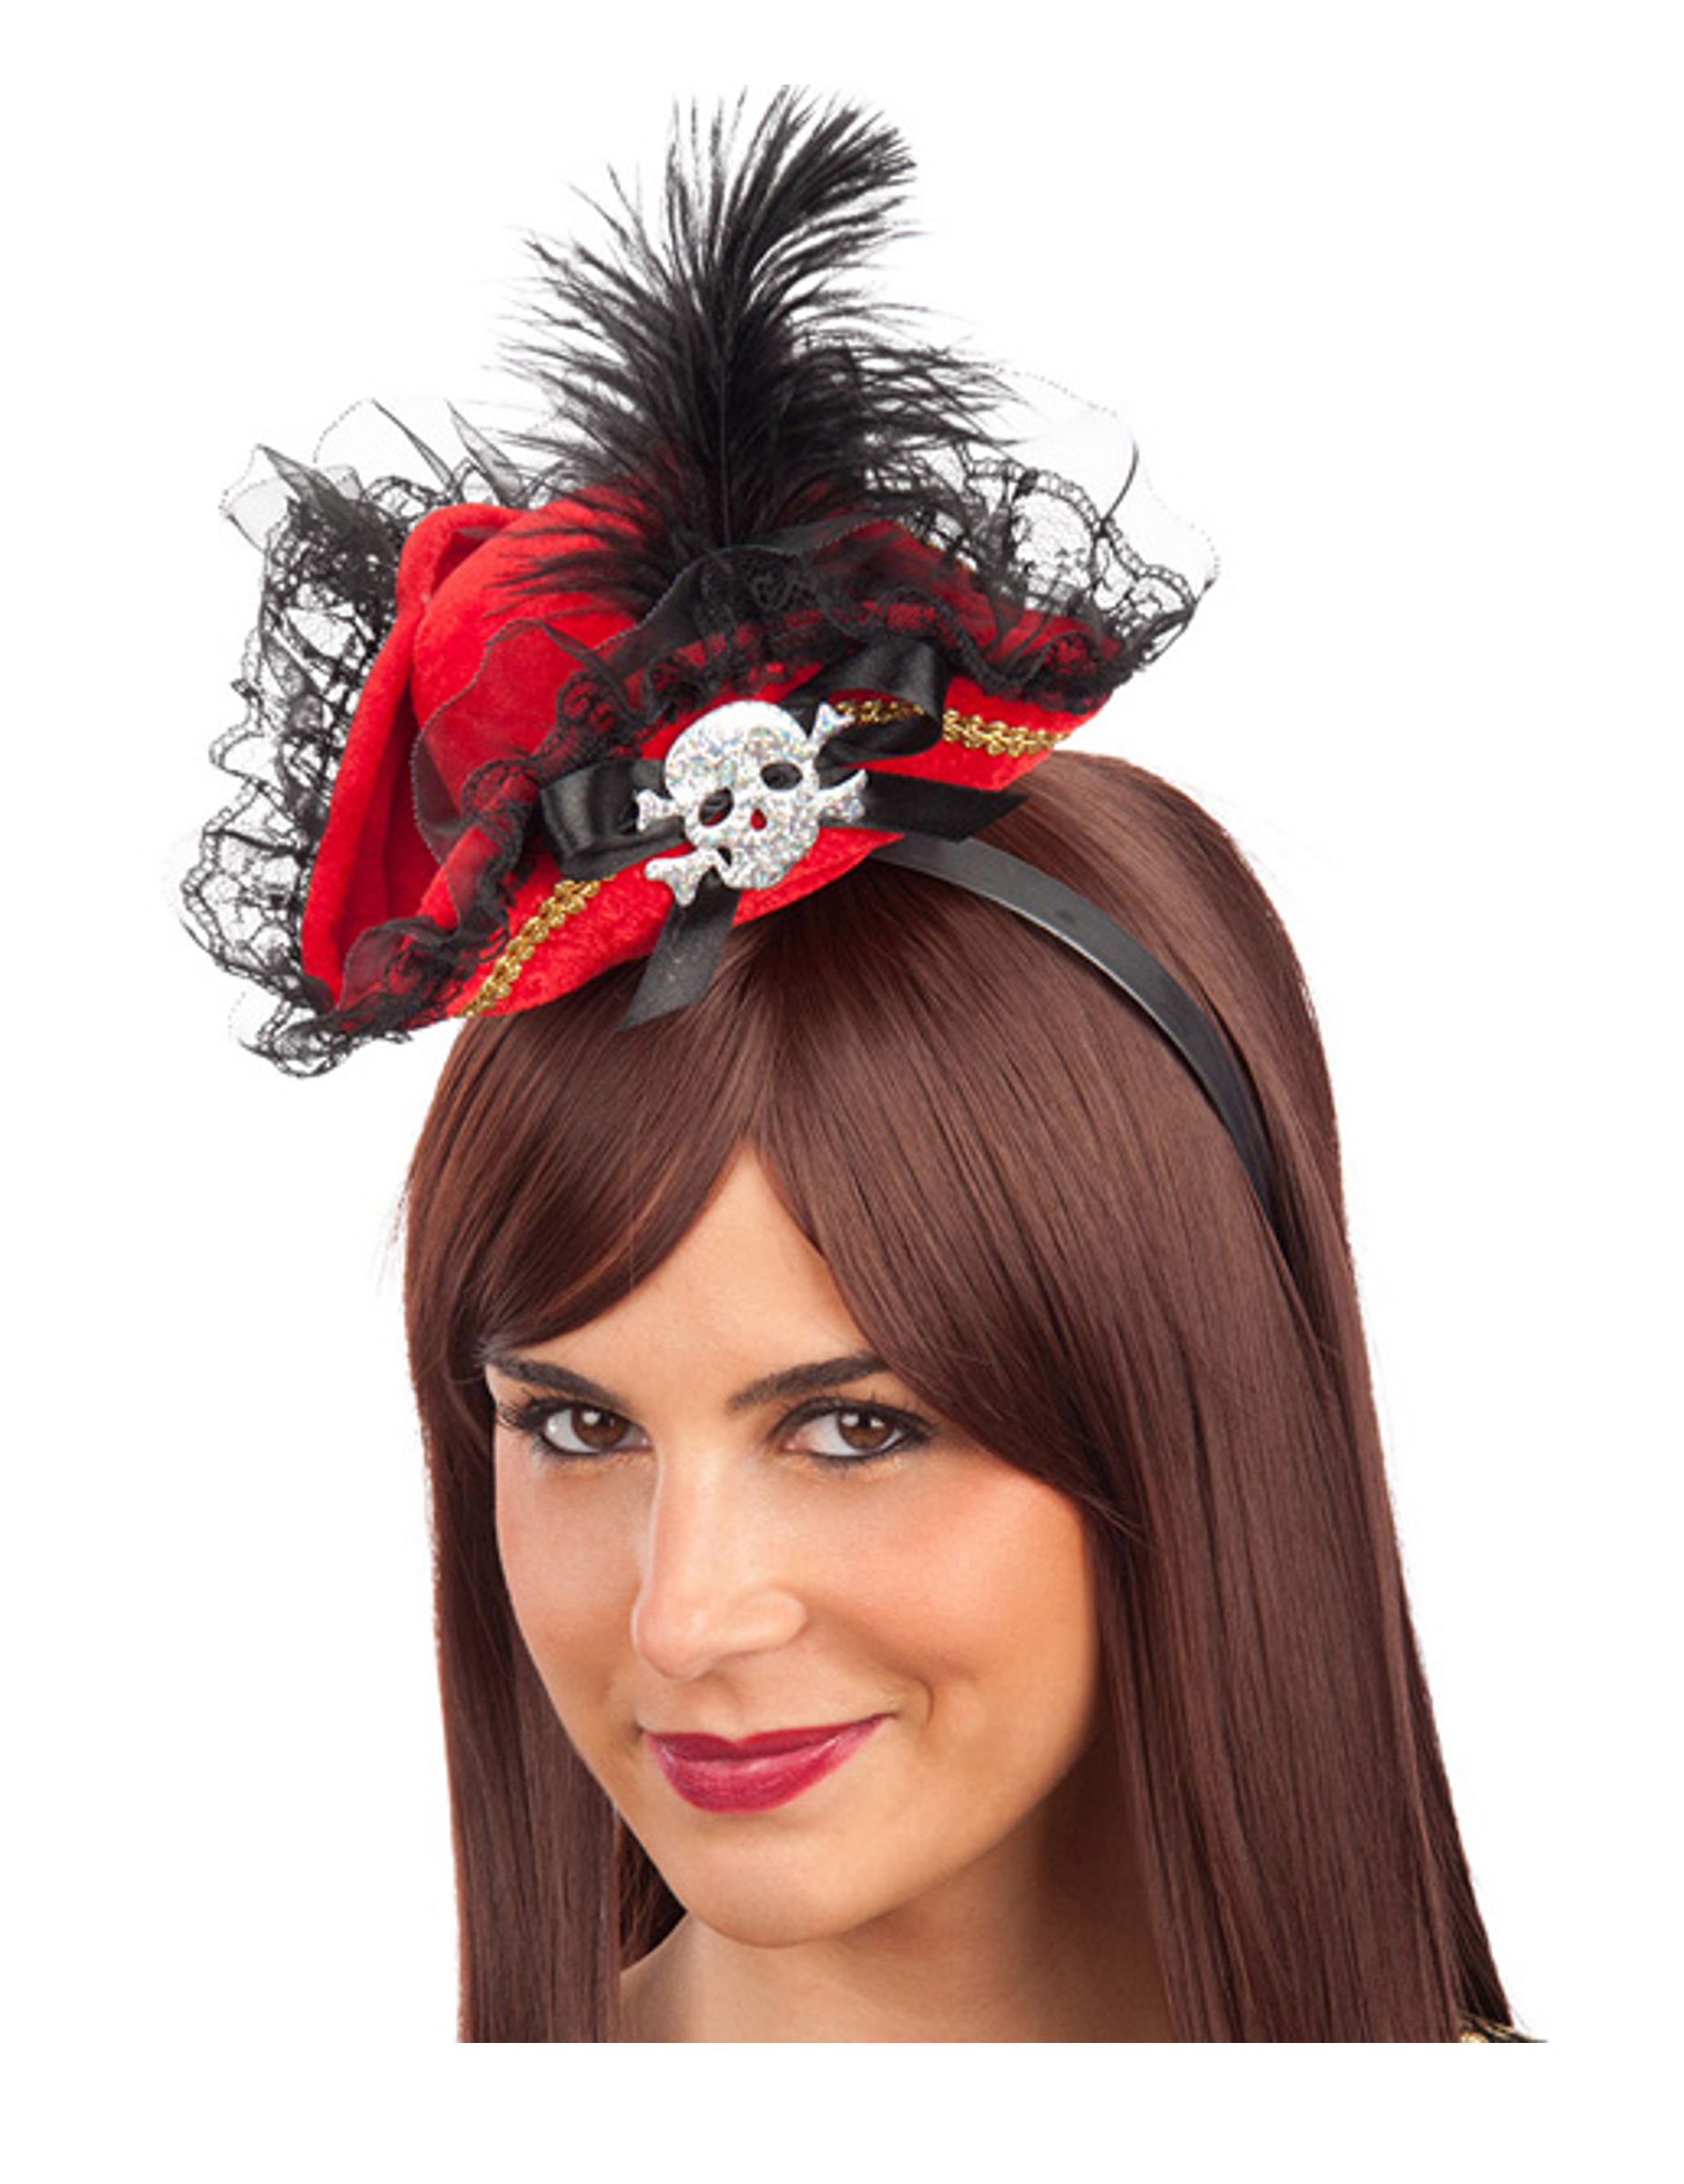 Sombrero De Pirata Mujer Rojo Y Negro Encaje con lazos